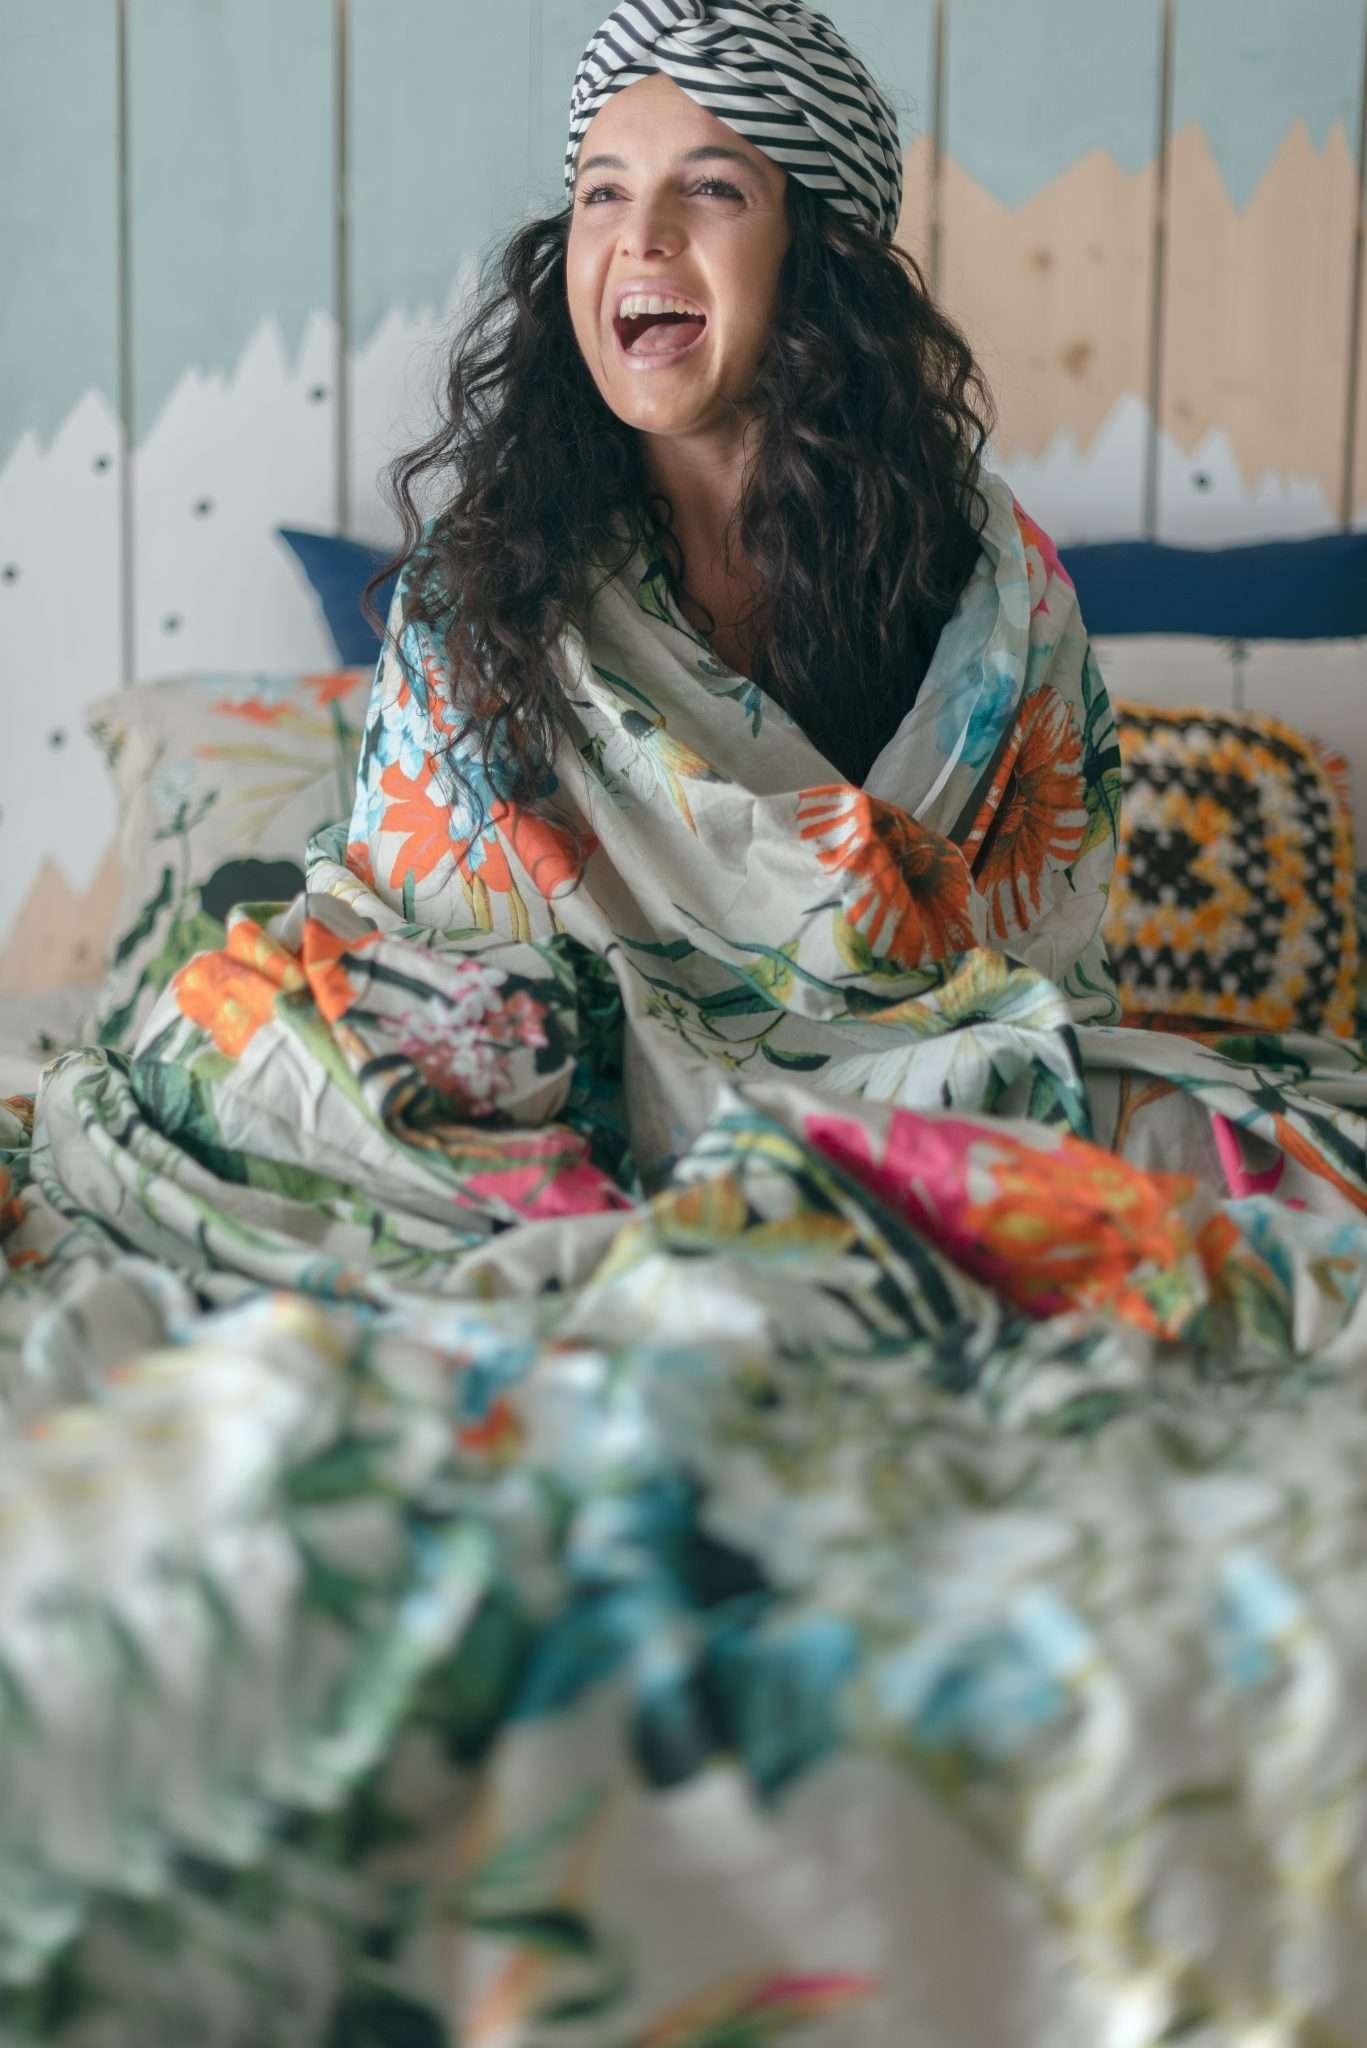 Fotografia pubblicitaria editorial Napoli realizzata da Barbara Trincone fotografa ritrattista professionista di Napoli, esegue servizi di creazione ed ampliamento lookbook per modelle/i e attori